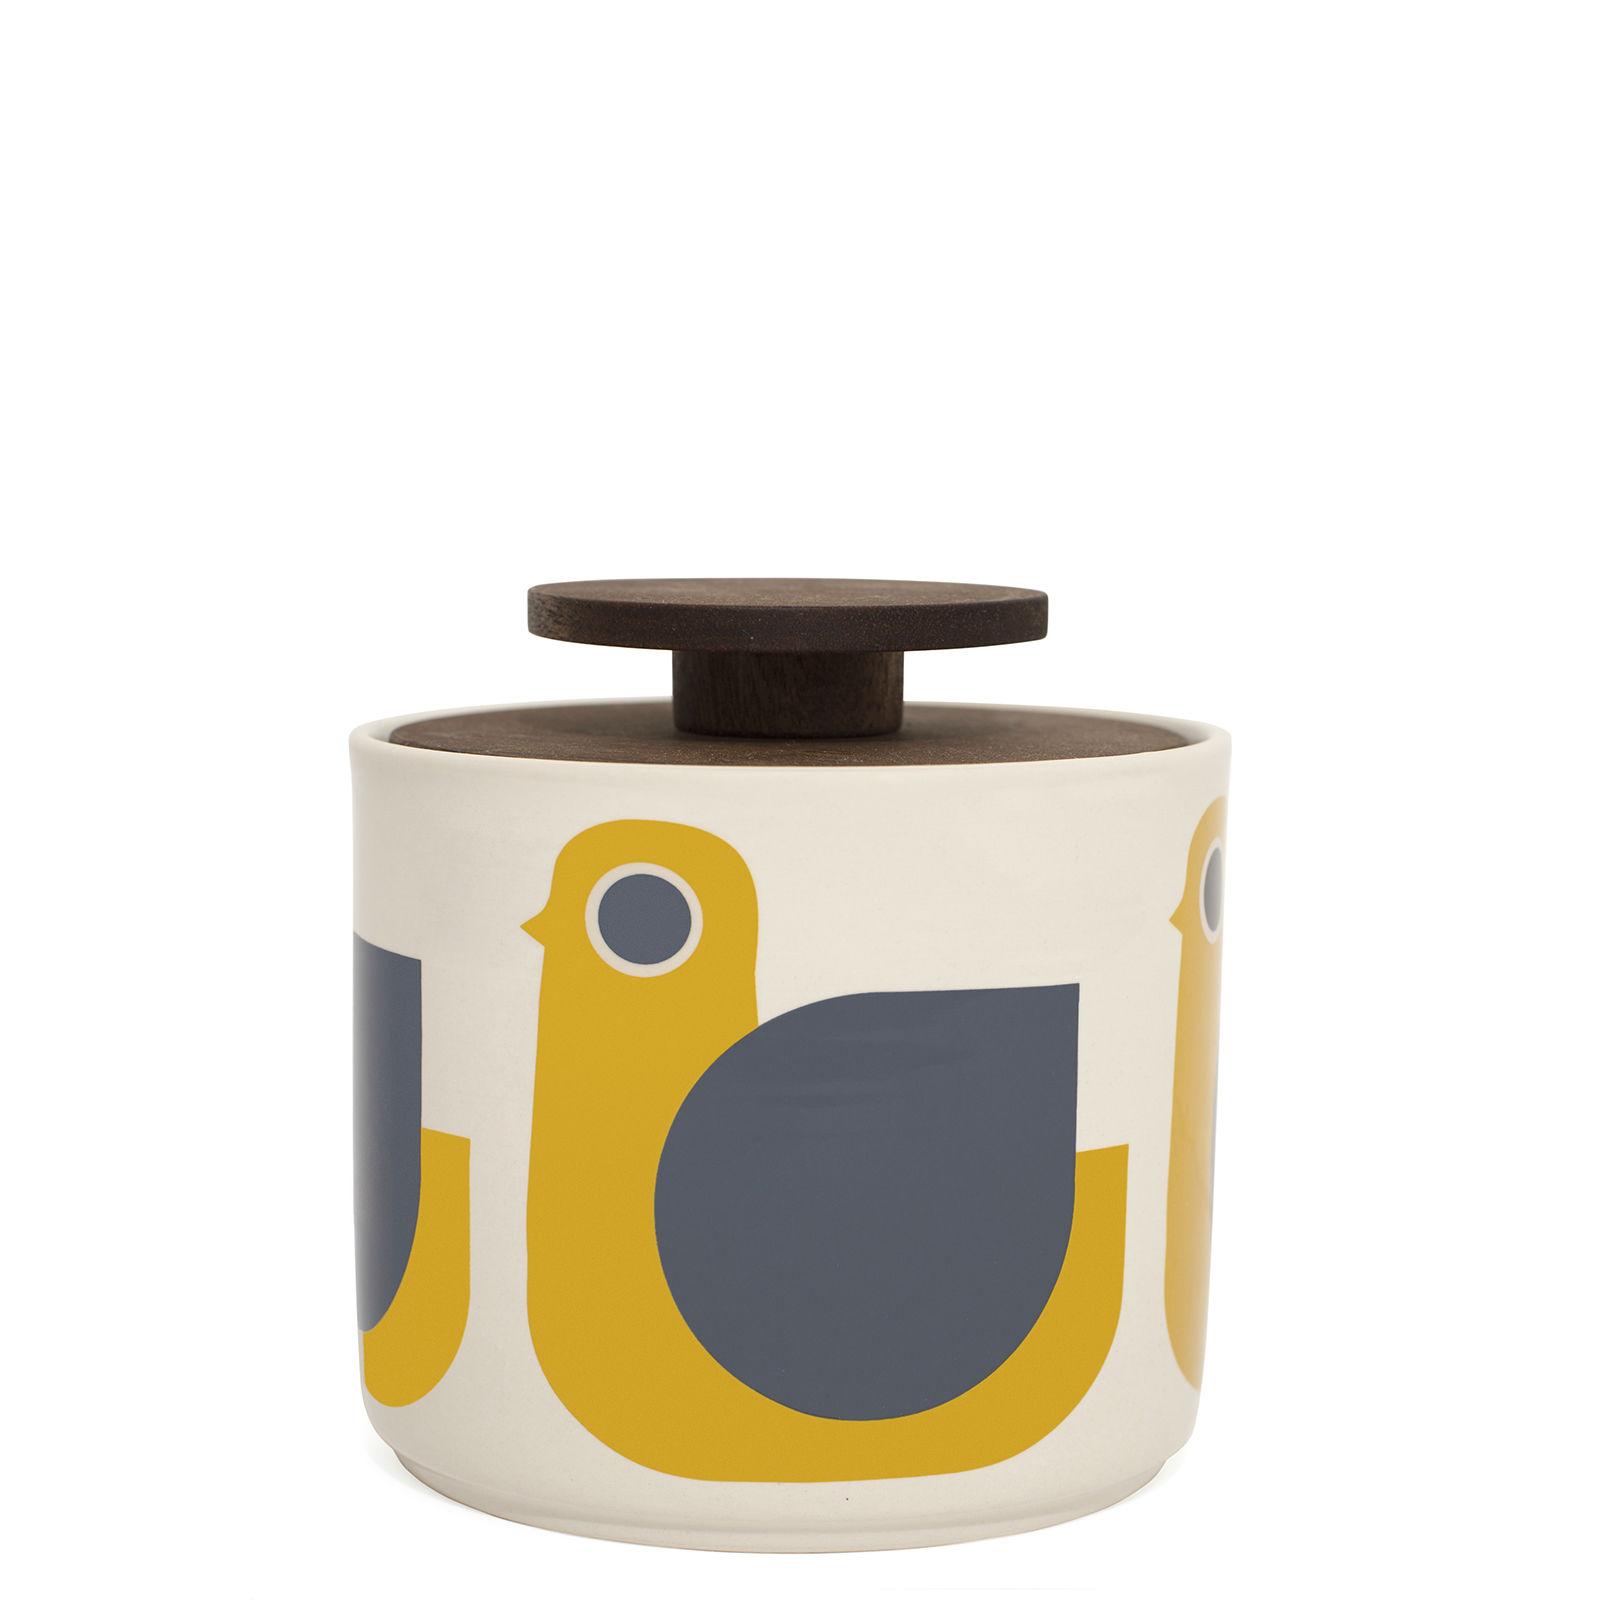 Boites-bocaus-design-Orla-Kiely-05